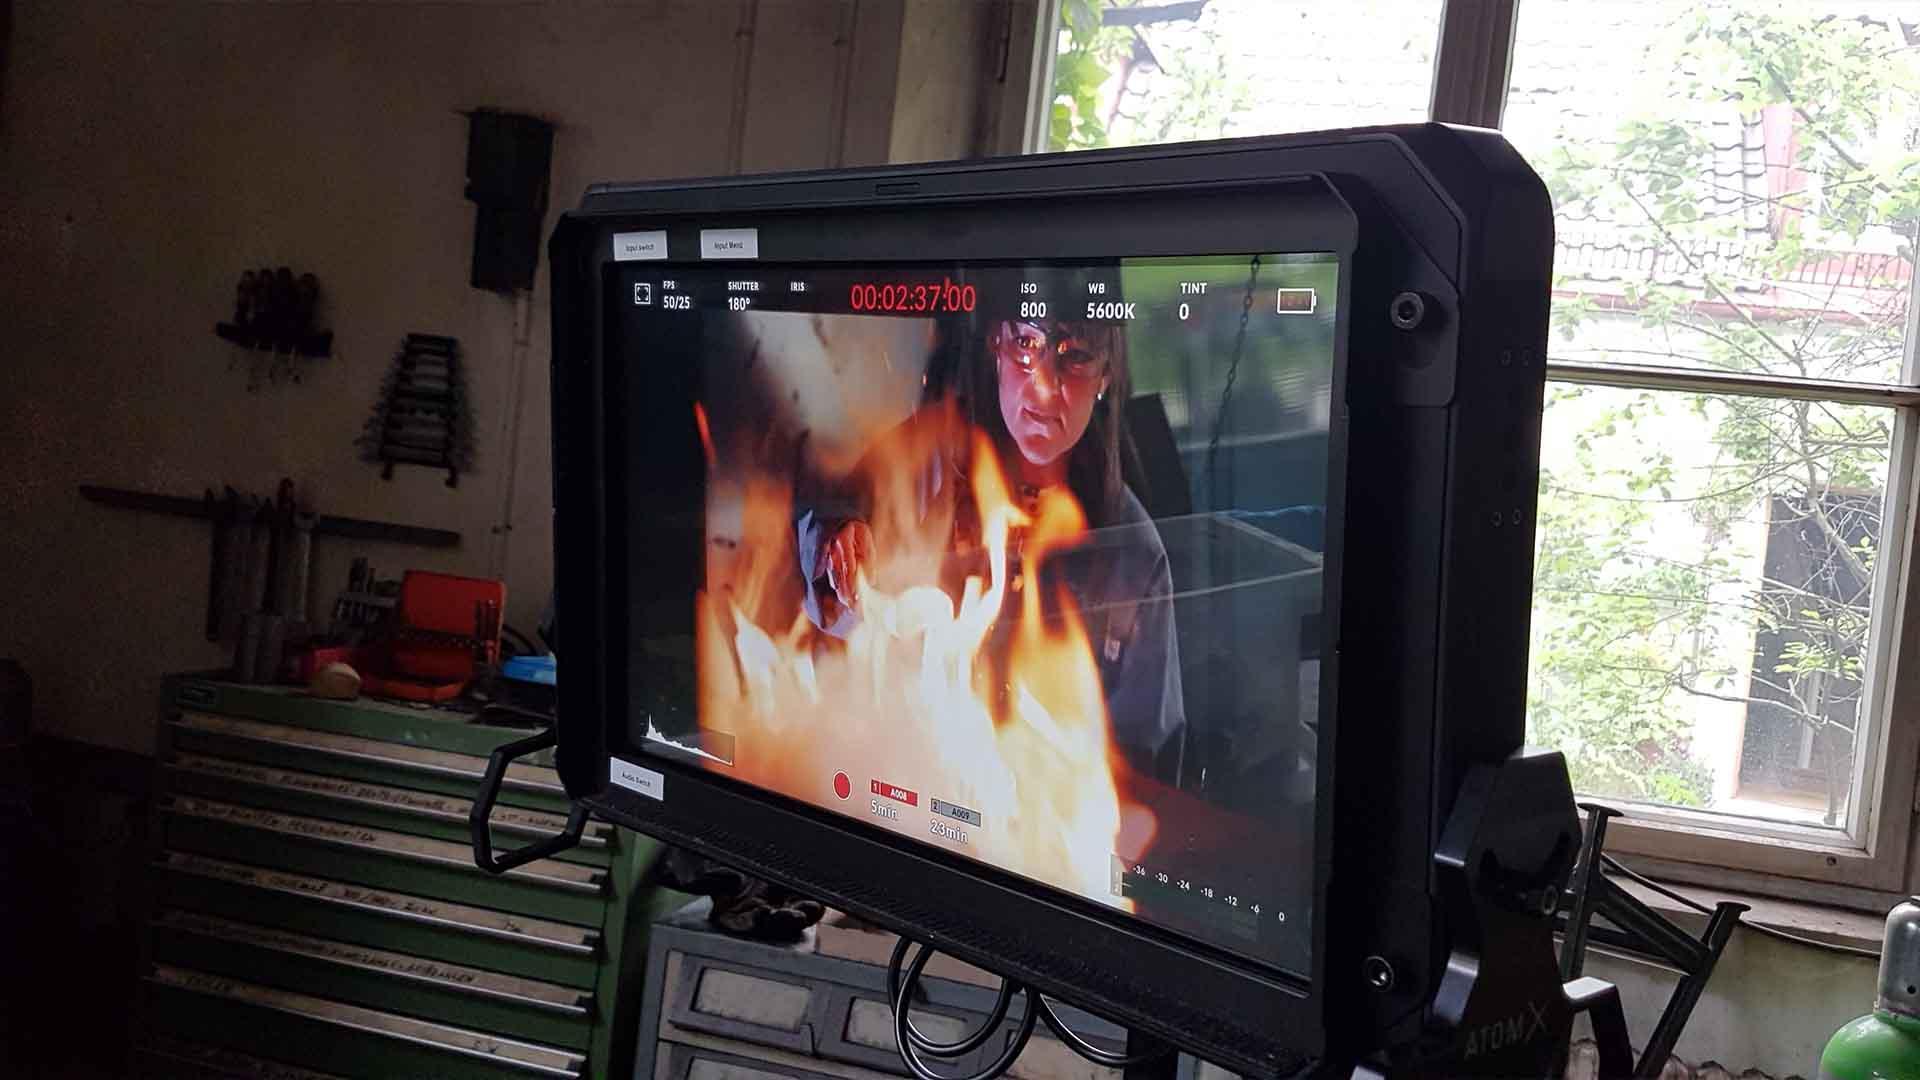 Das Bild zeigt einen Monitor, der mit einer Kamera verbunden ist. Auf dem Bildschirm sieht man ein Feuer. Hinter diesem Feuer steht ein Mann, der Schmid. Das Bild dient als Sliderbild für den Portfolioeintrag Bayerischer Volkshochschulverband von Panda Pictures.